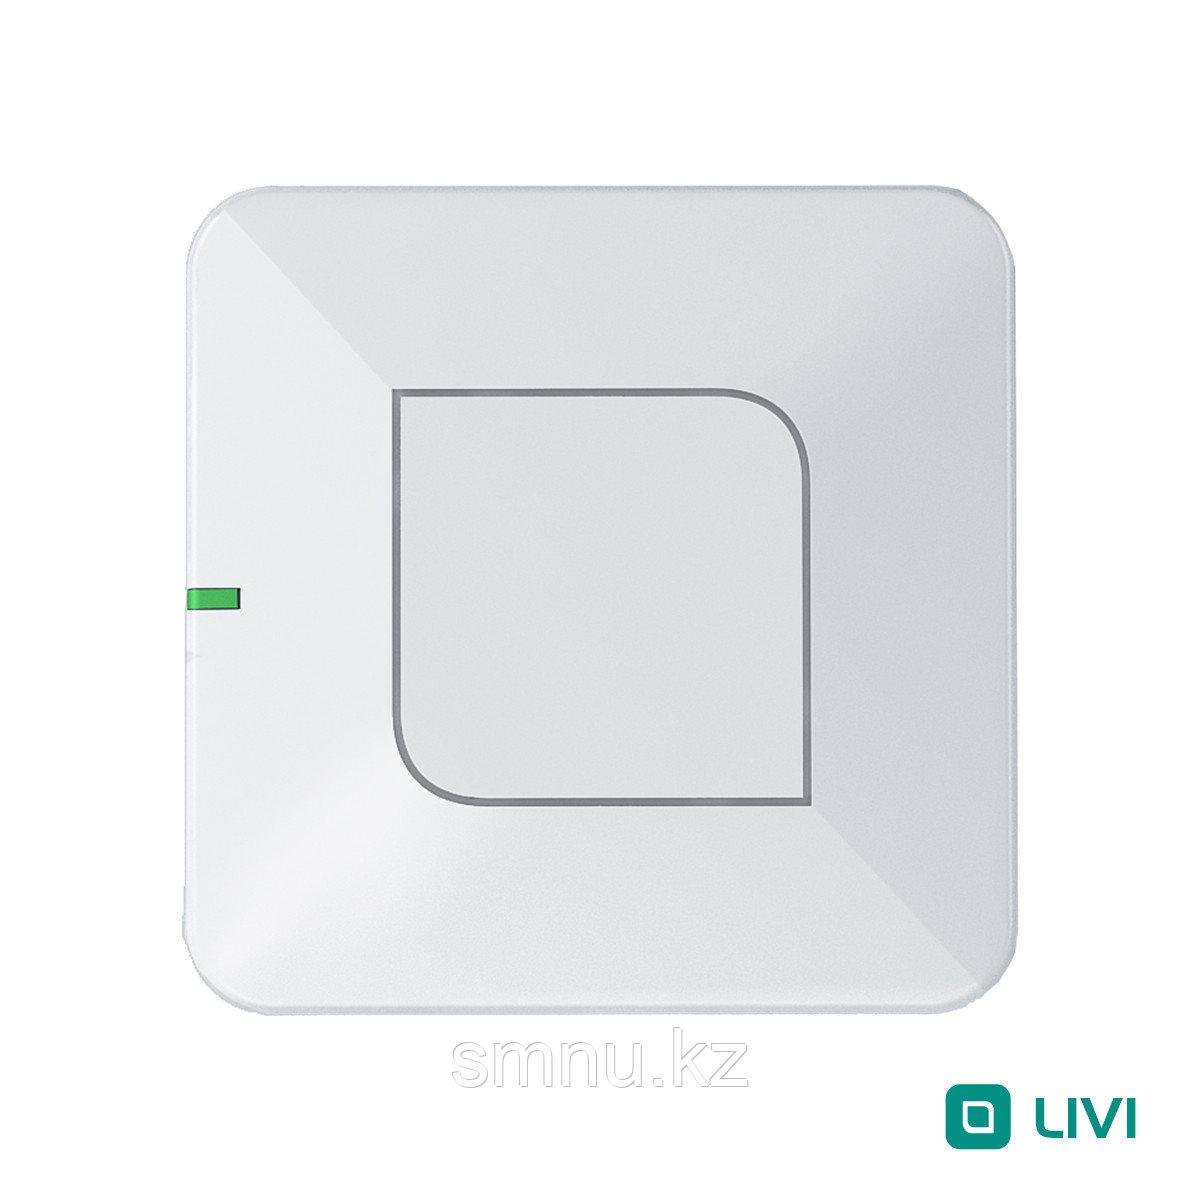 Livi Water Control -  Модуль защиты от протечек воды радиоканальный